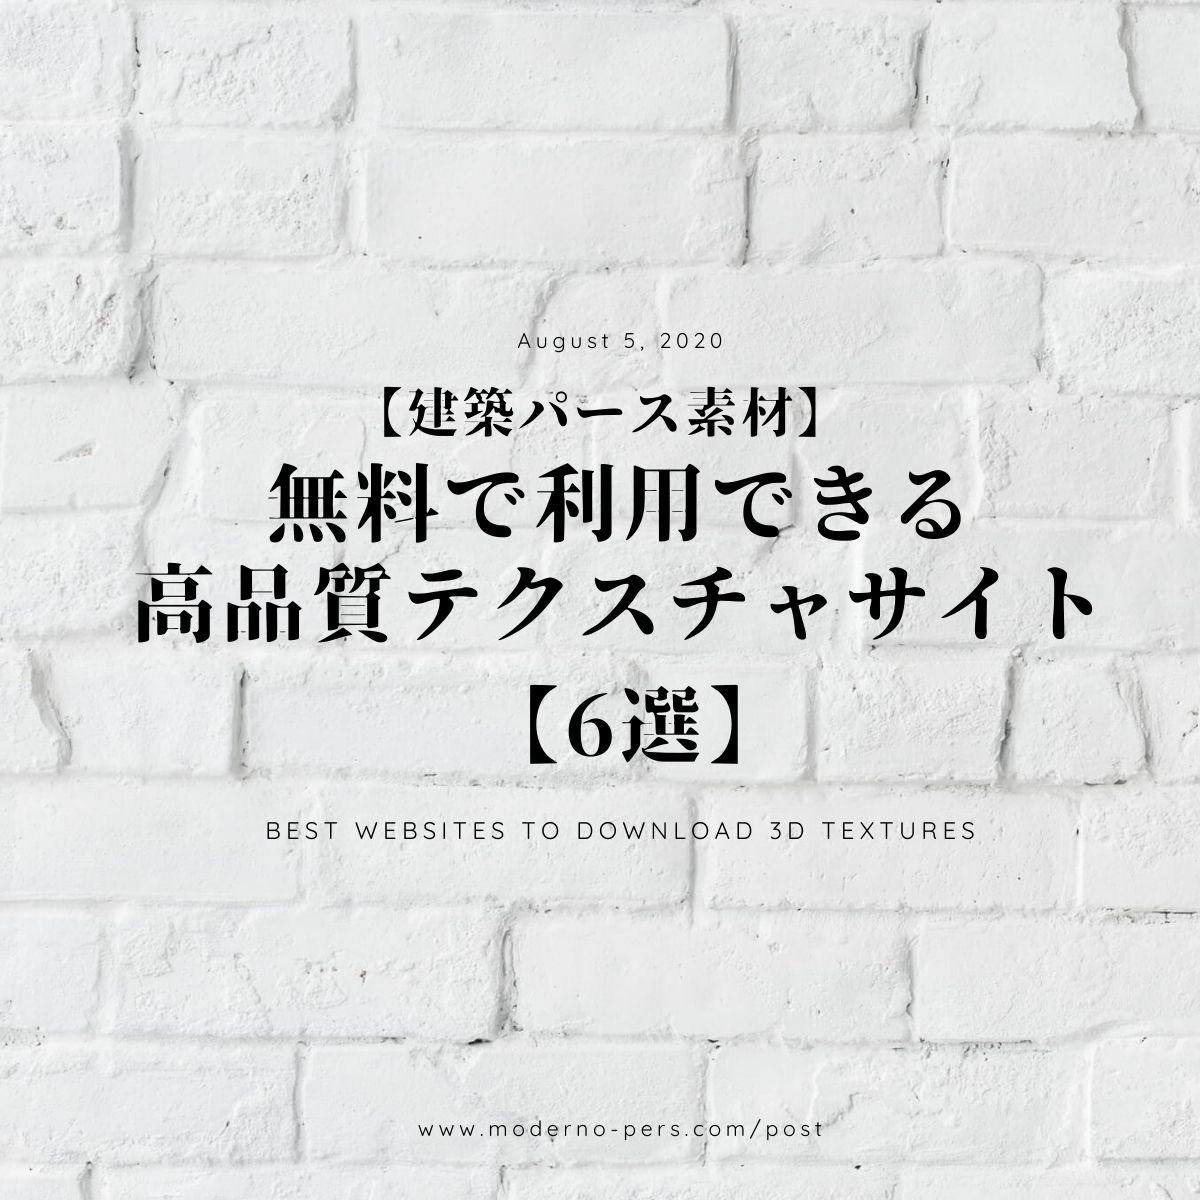 【建築パース】無料で利用できる高品質テクスチャサイト【6選】